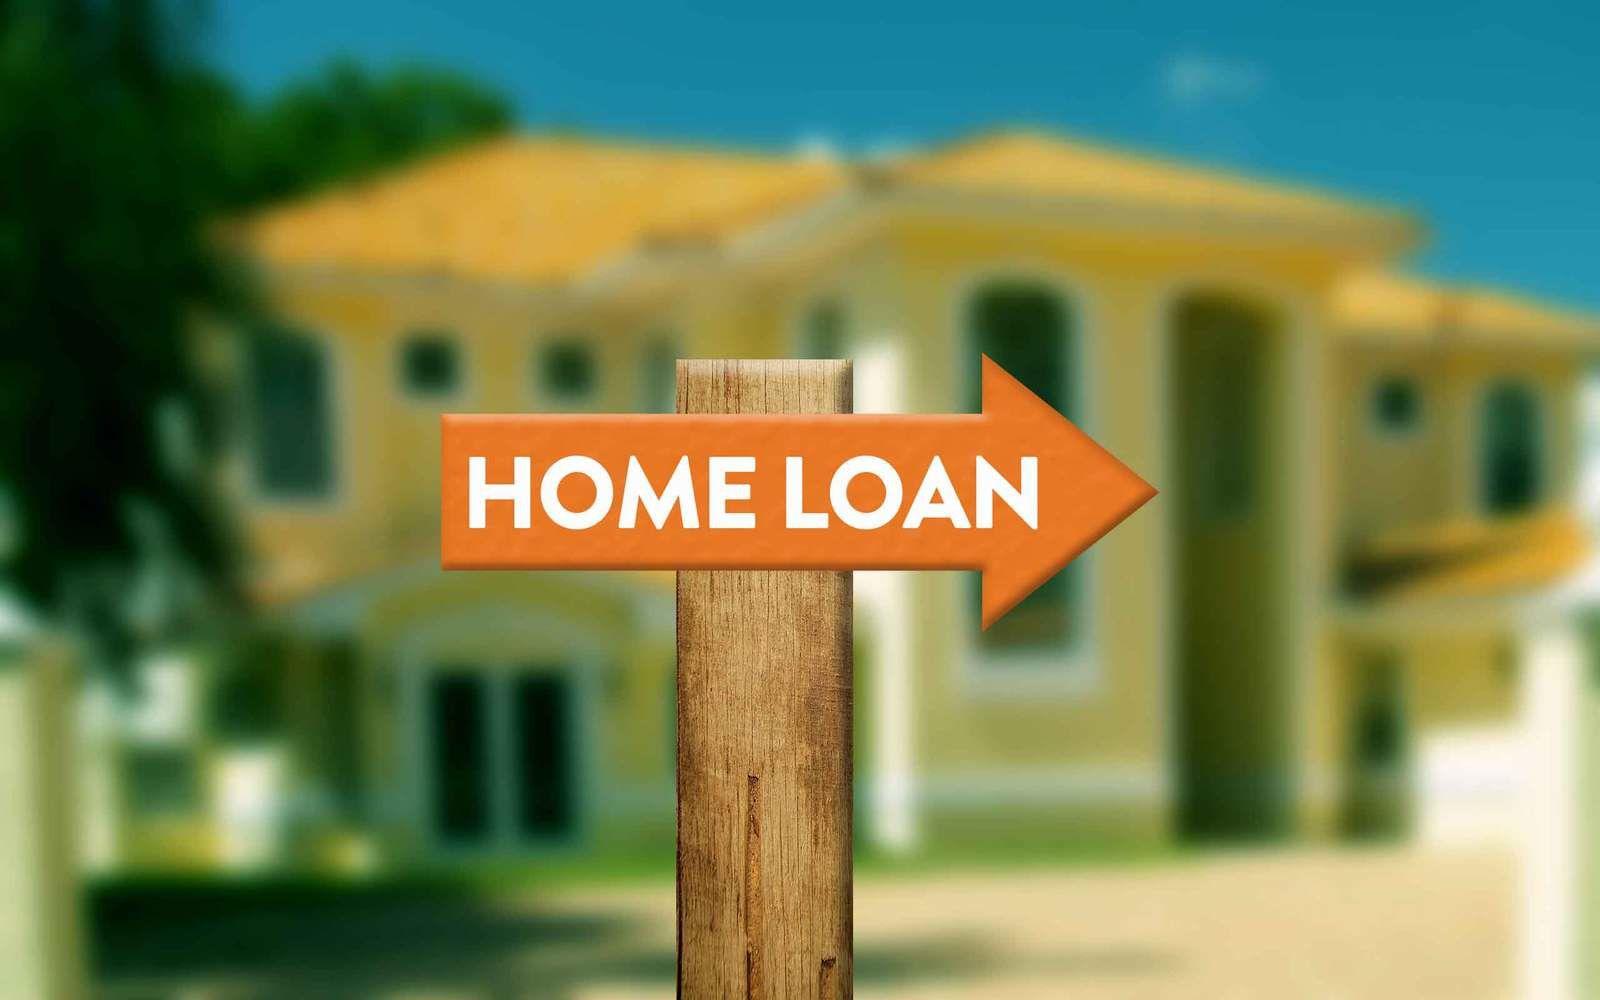 Puis-je prendre un crédit bancaire pour acheter une maison modeste ?